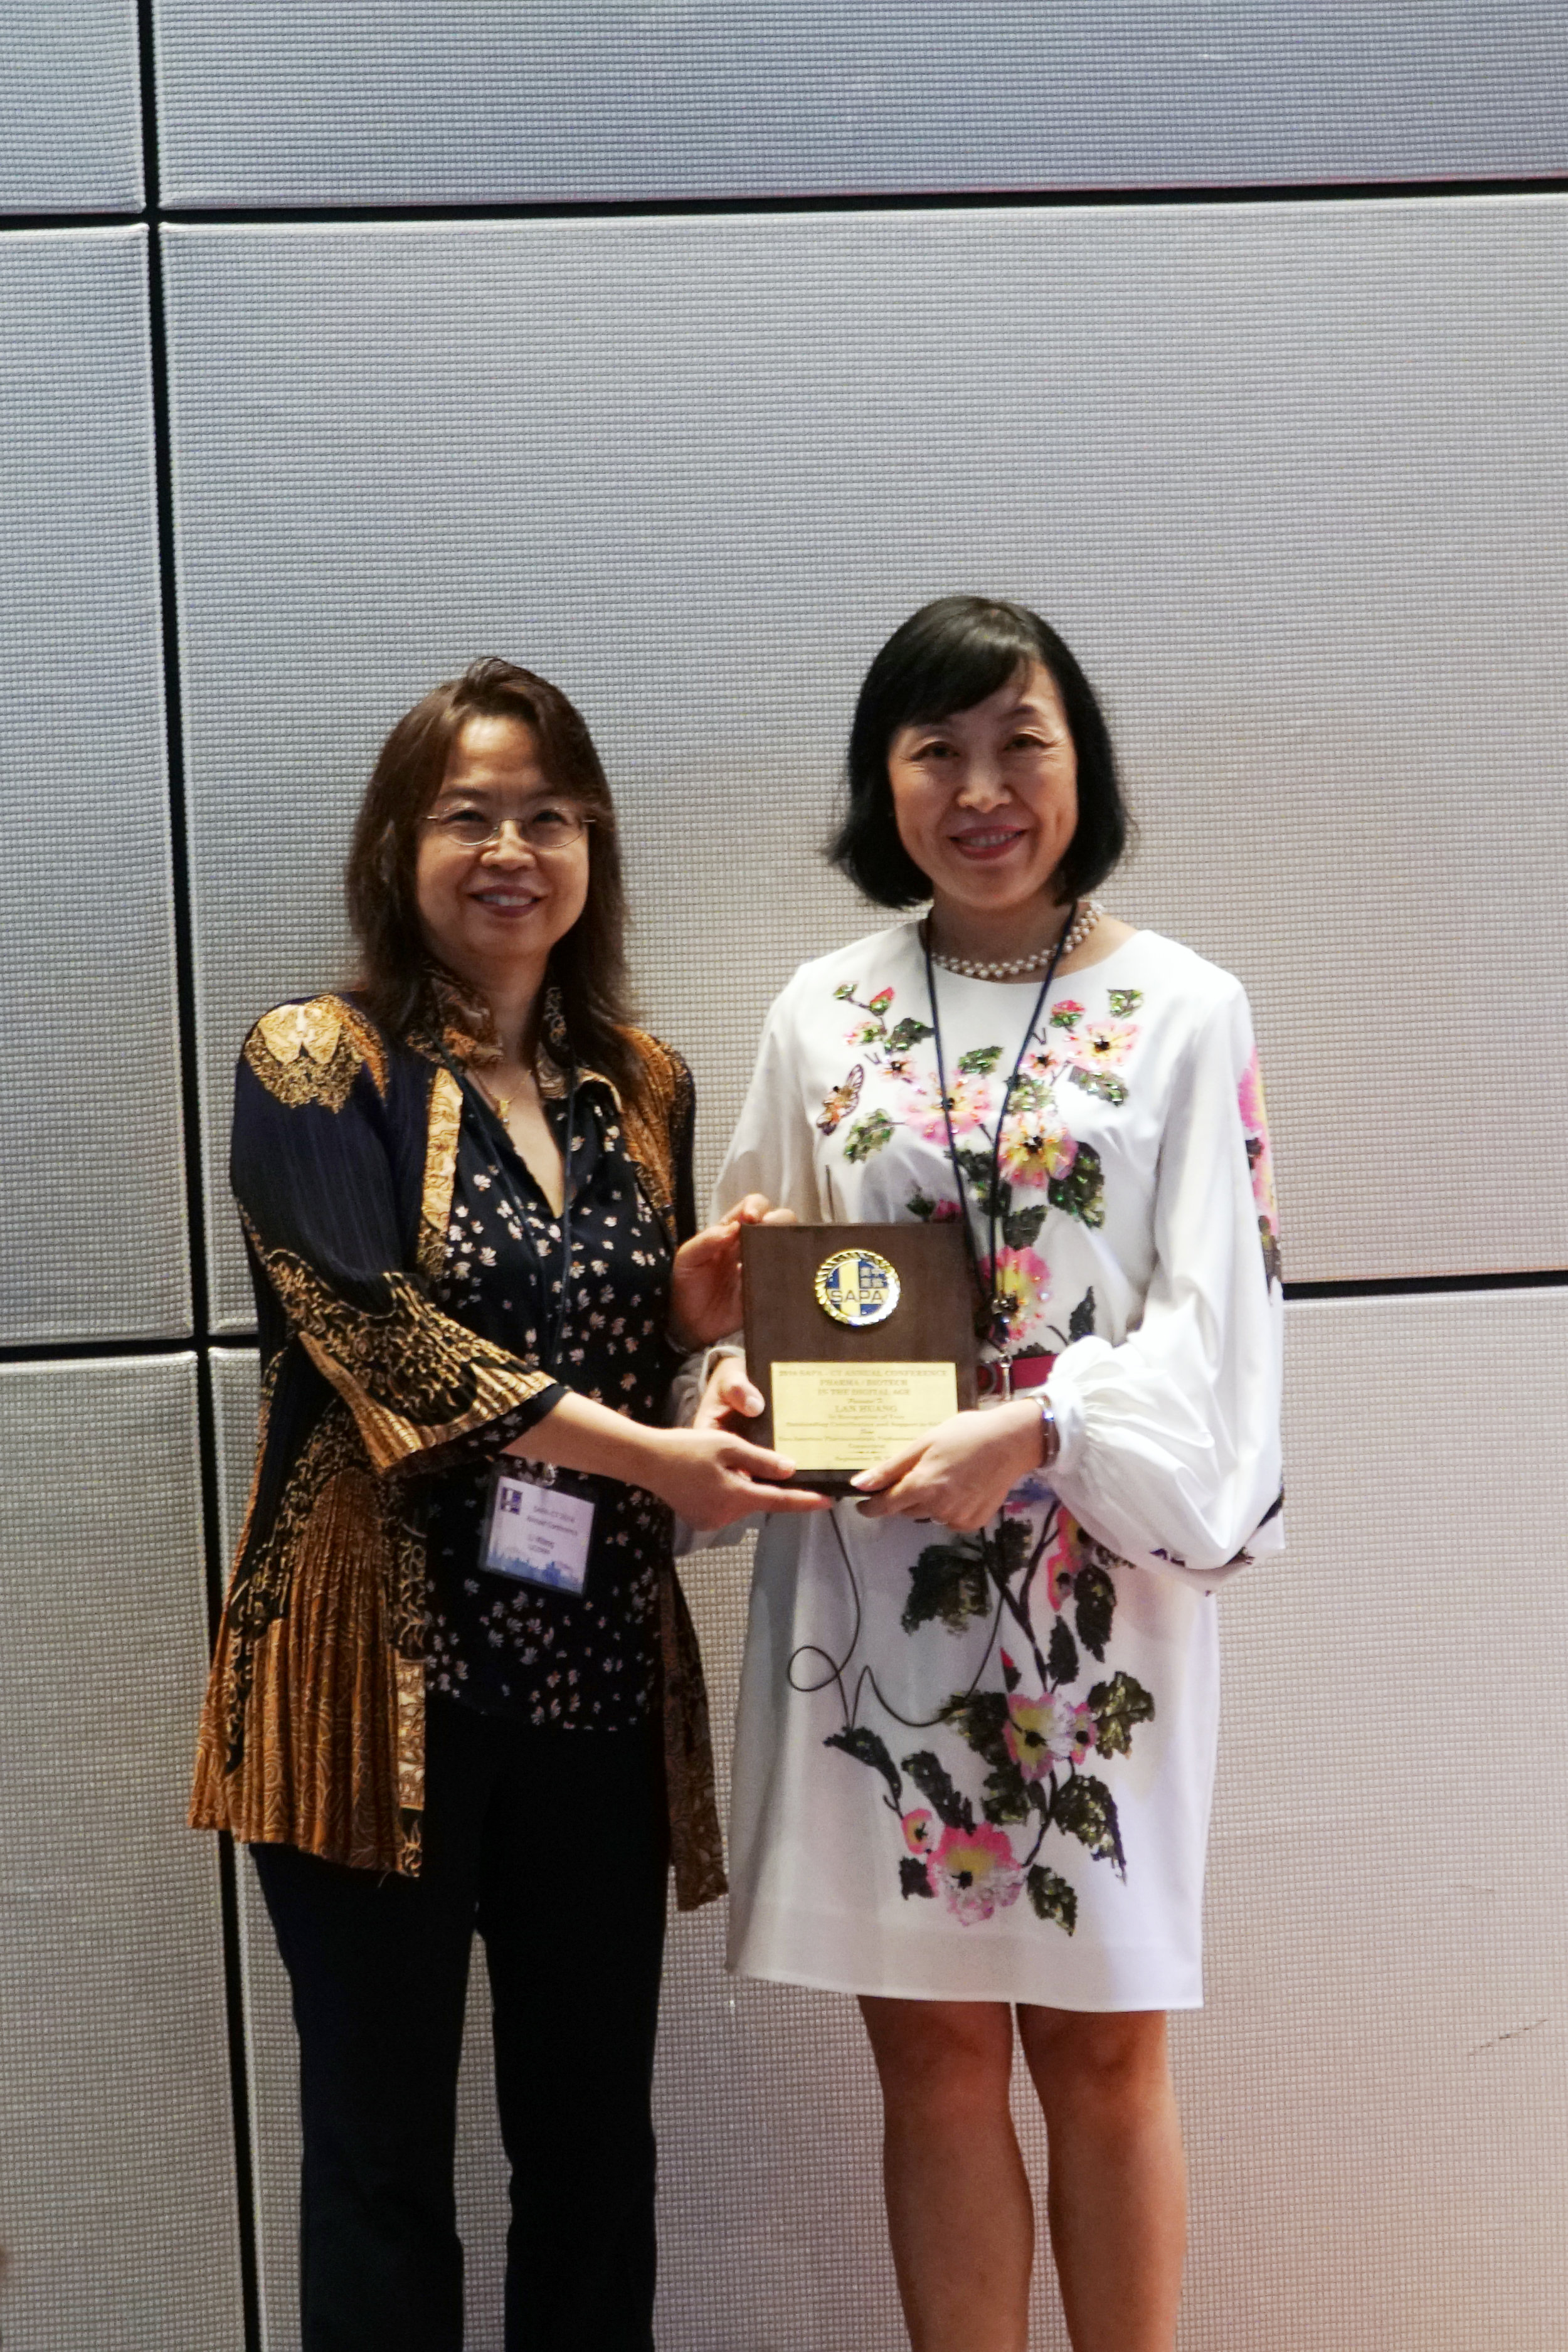 Dr. Lan Huang honored by Dr. Li Wang to receive SAPA-CT speaker award.